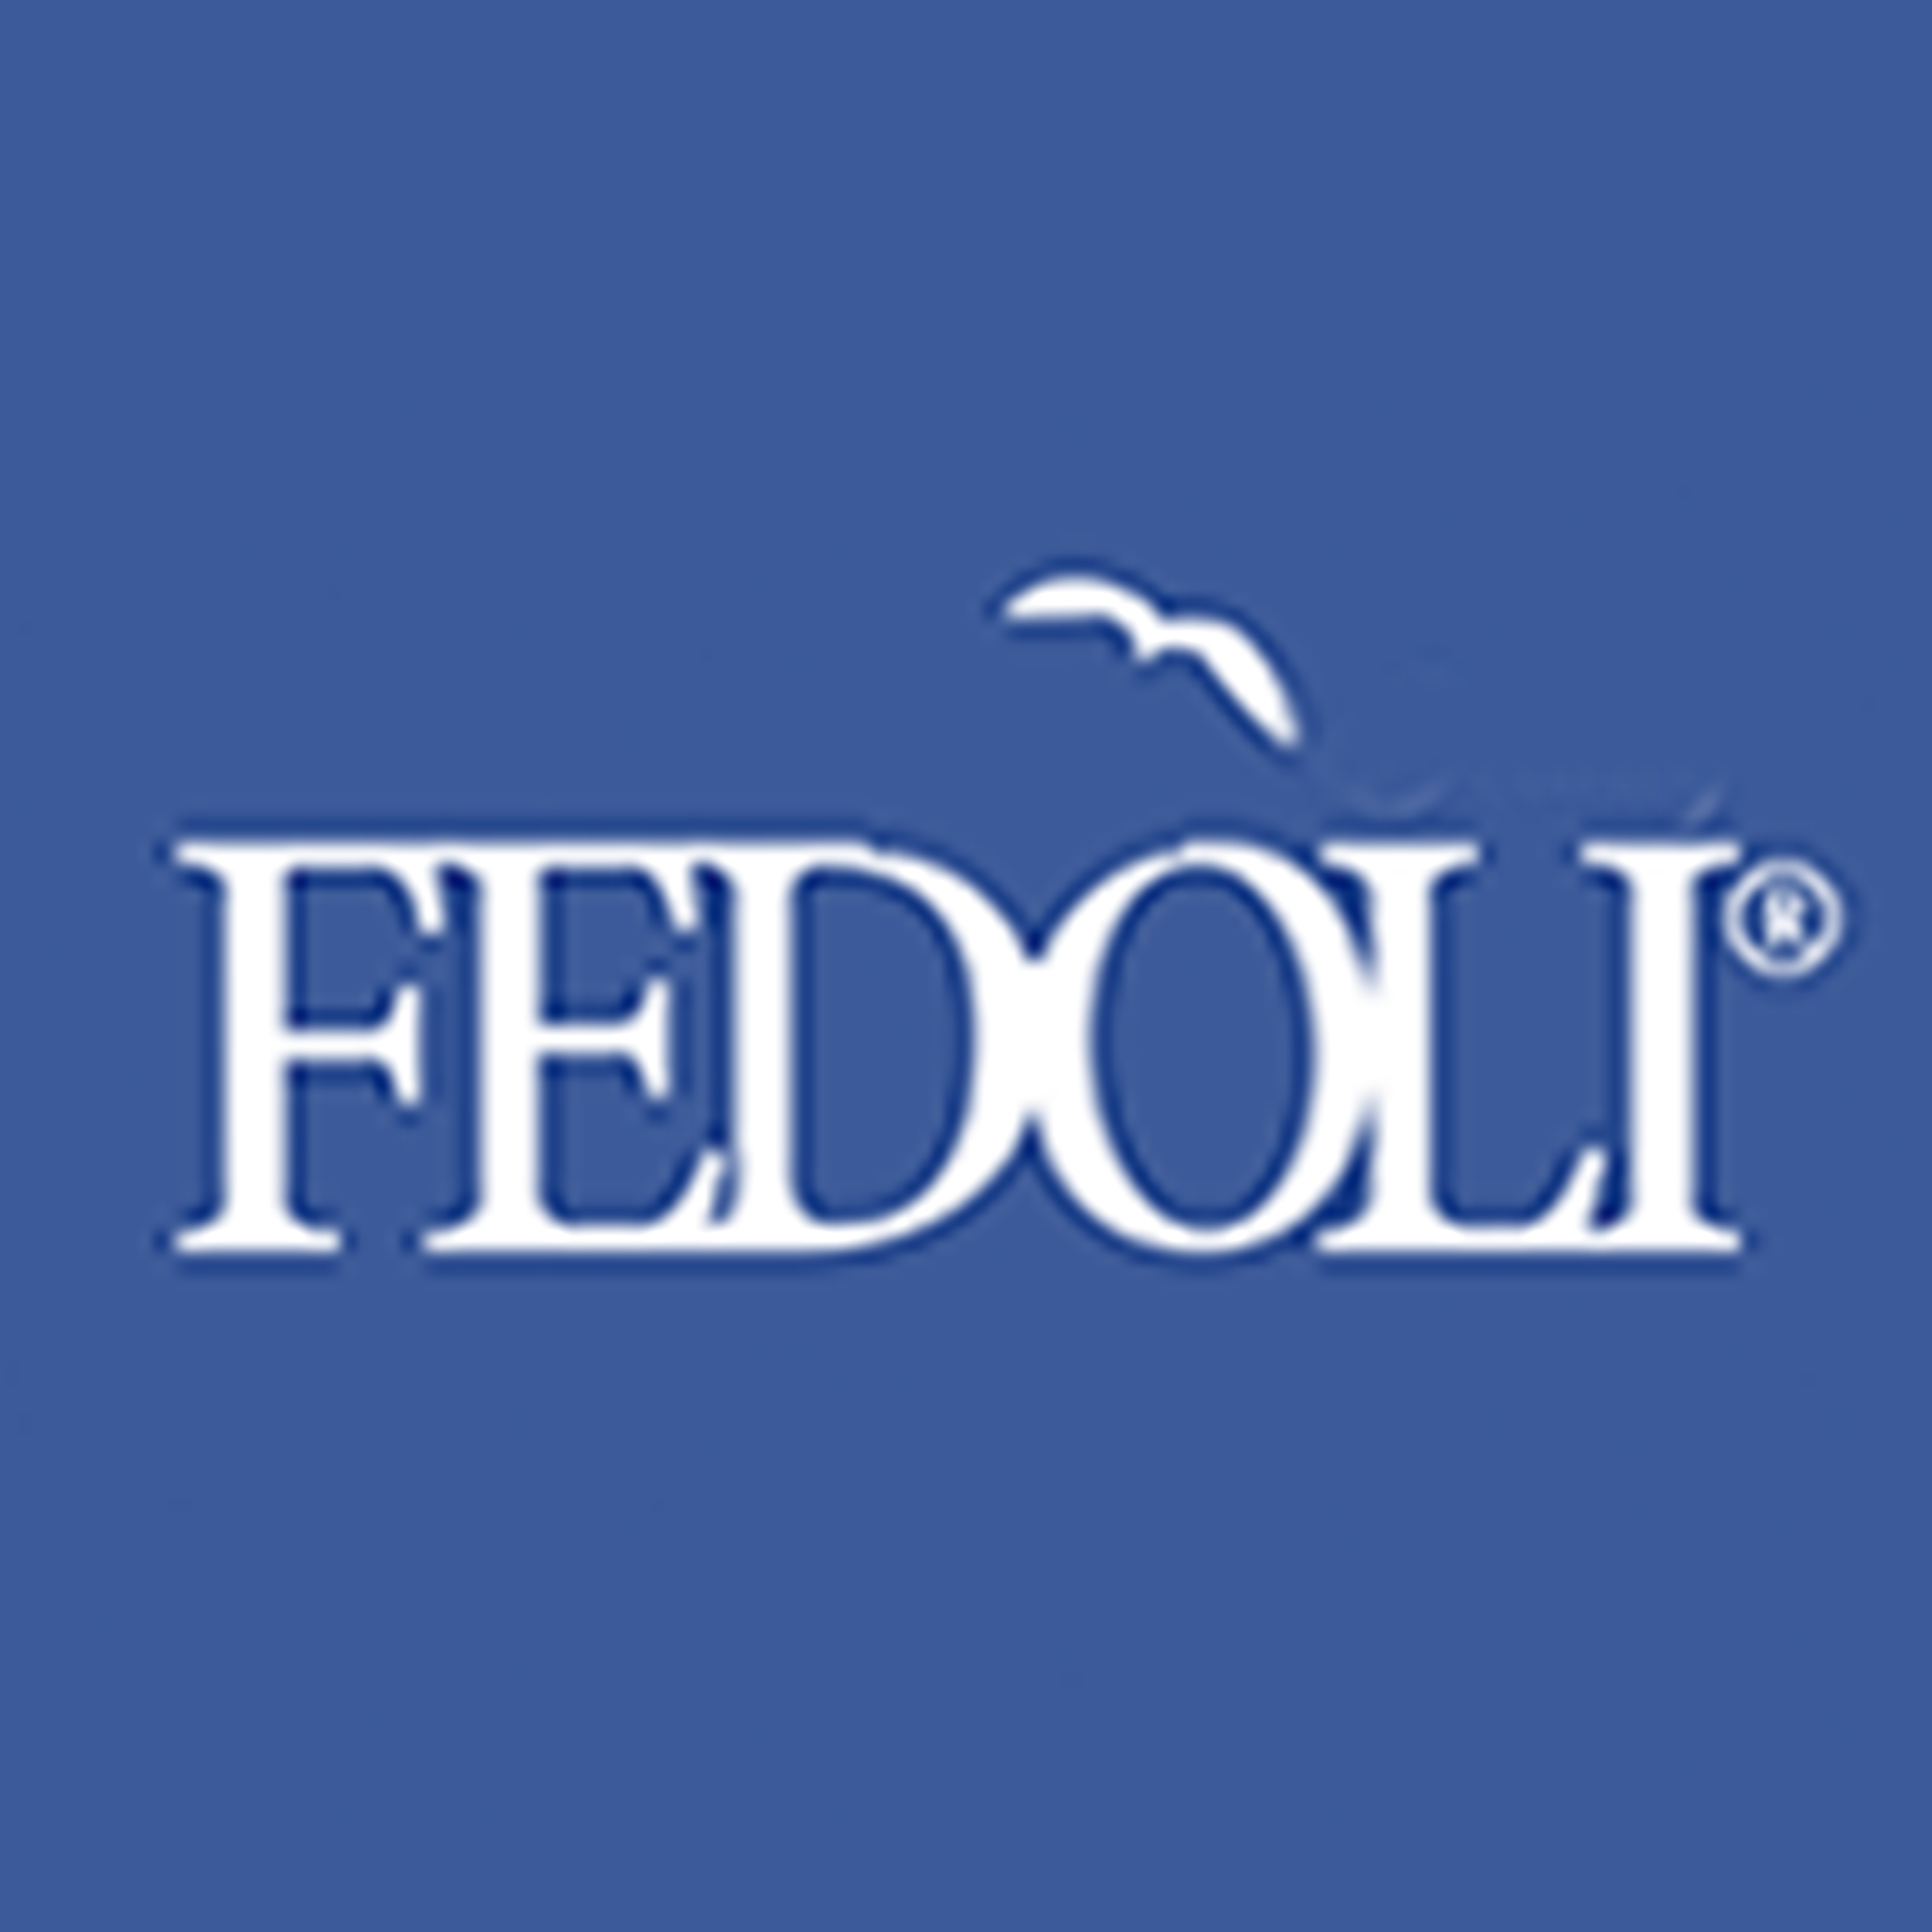 fedoli